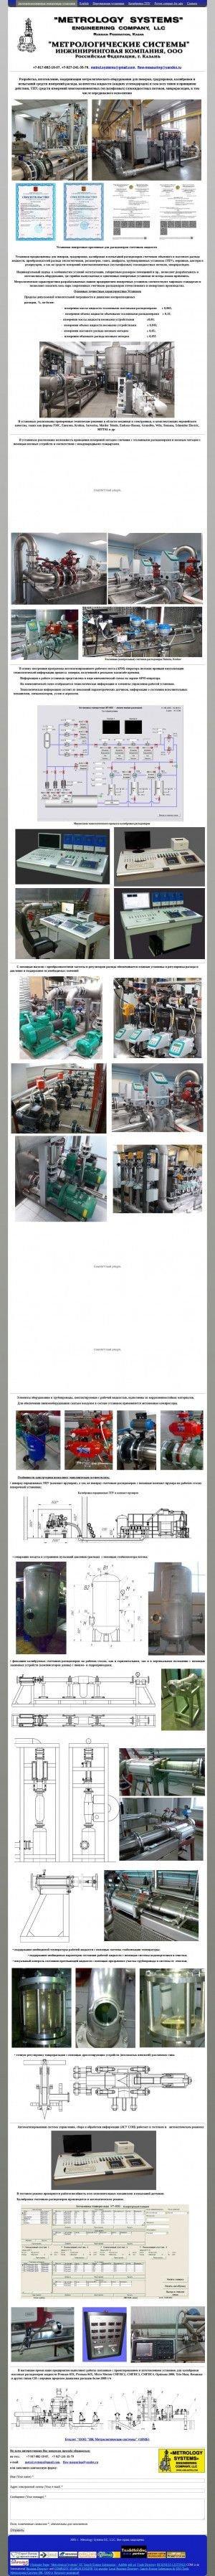 Предпросмотр для metrology-systems.com — Инжиниринговая компания Метрологические системы